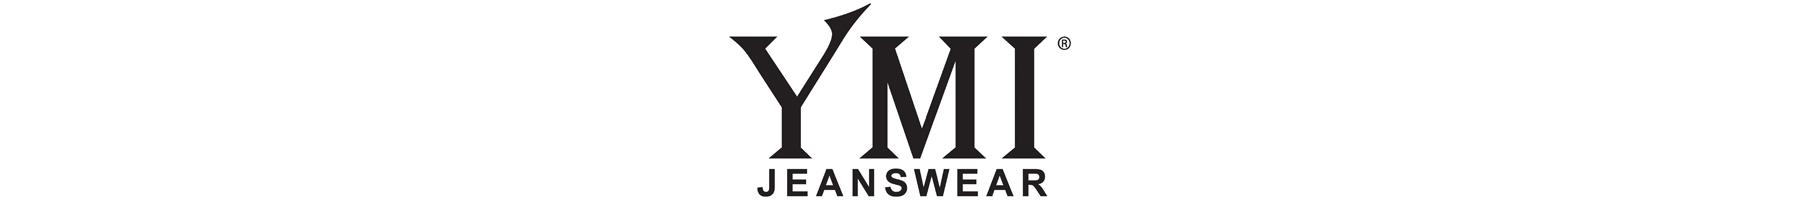 DrJays.com - YMI